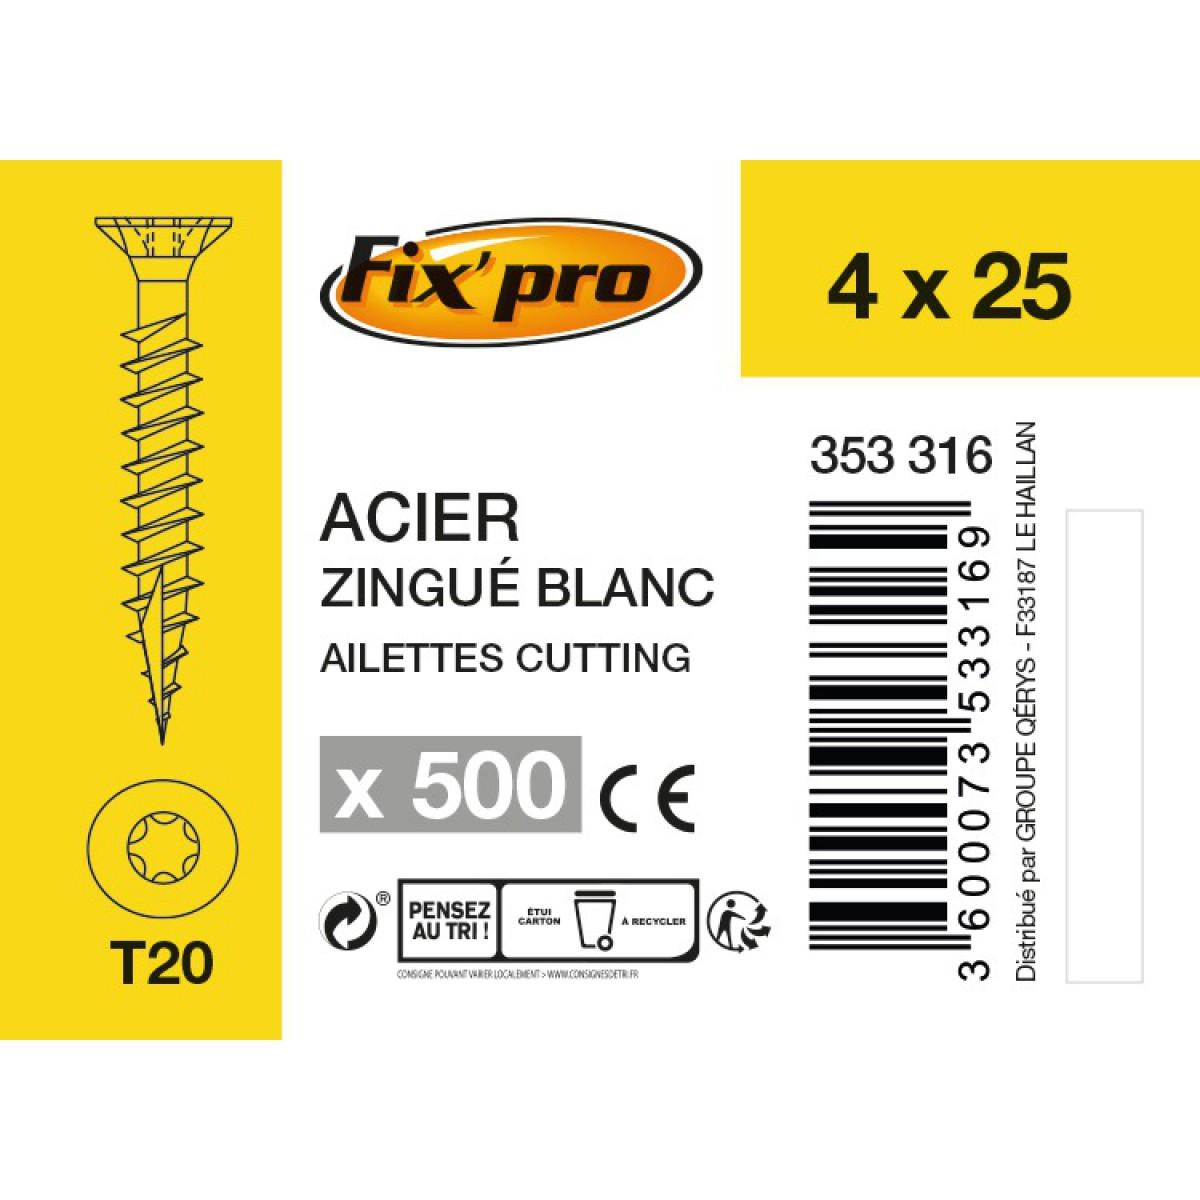 Vis à bois tête fraisée TX - 4x25 - 500pces - Fixpro